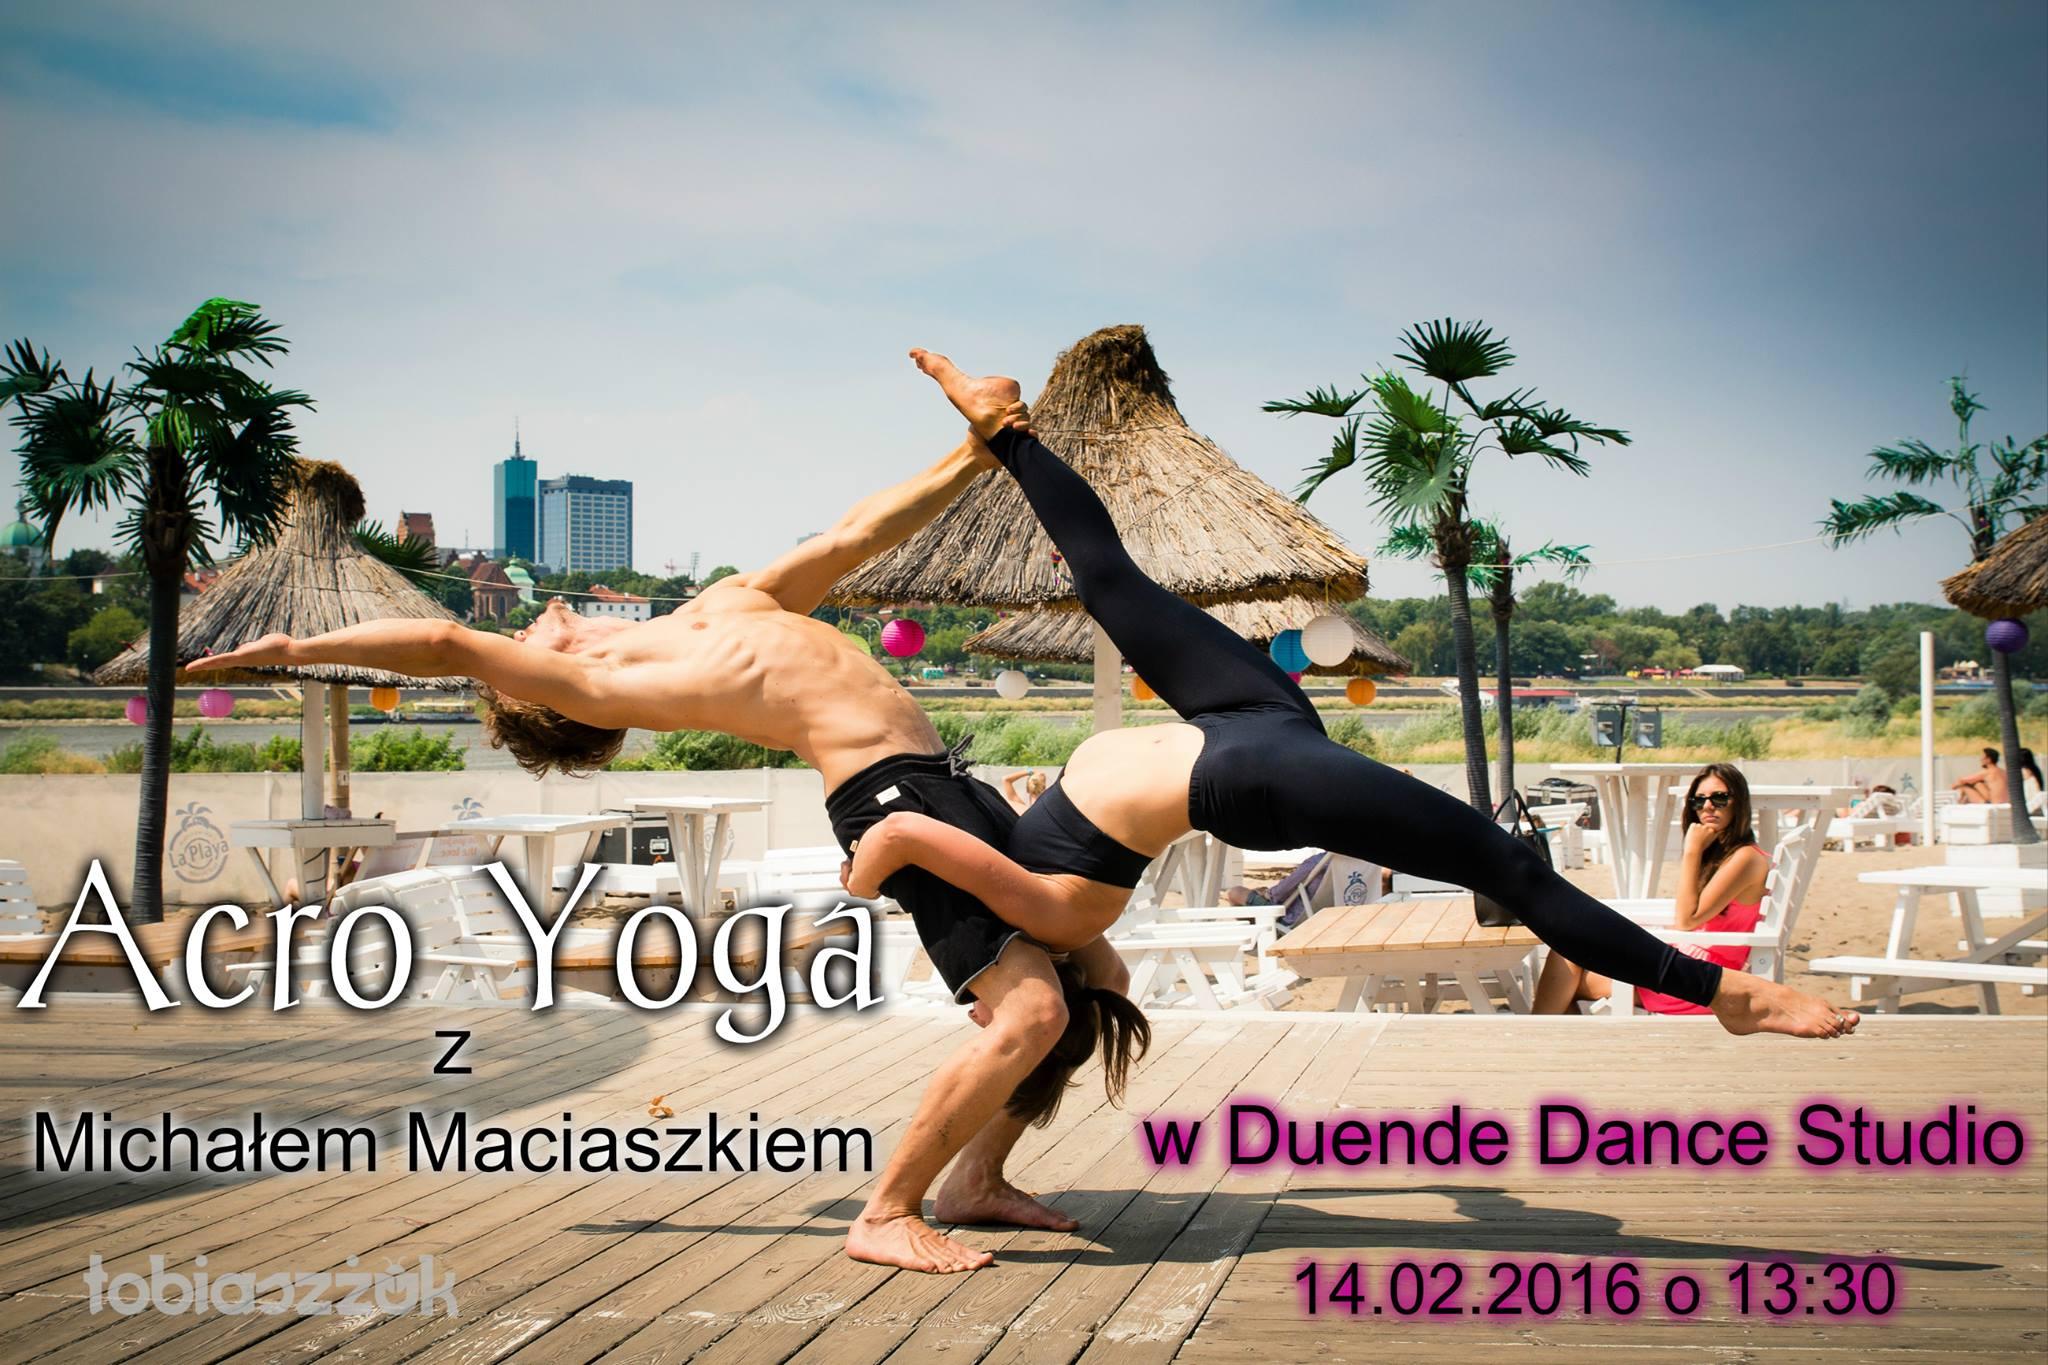 AcroYoga Warsztaty w Warszawie (Duende Dance Studio) 14.02.2016